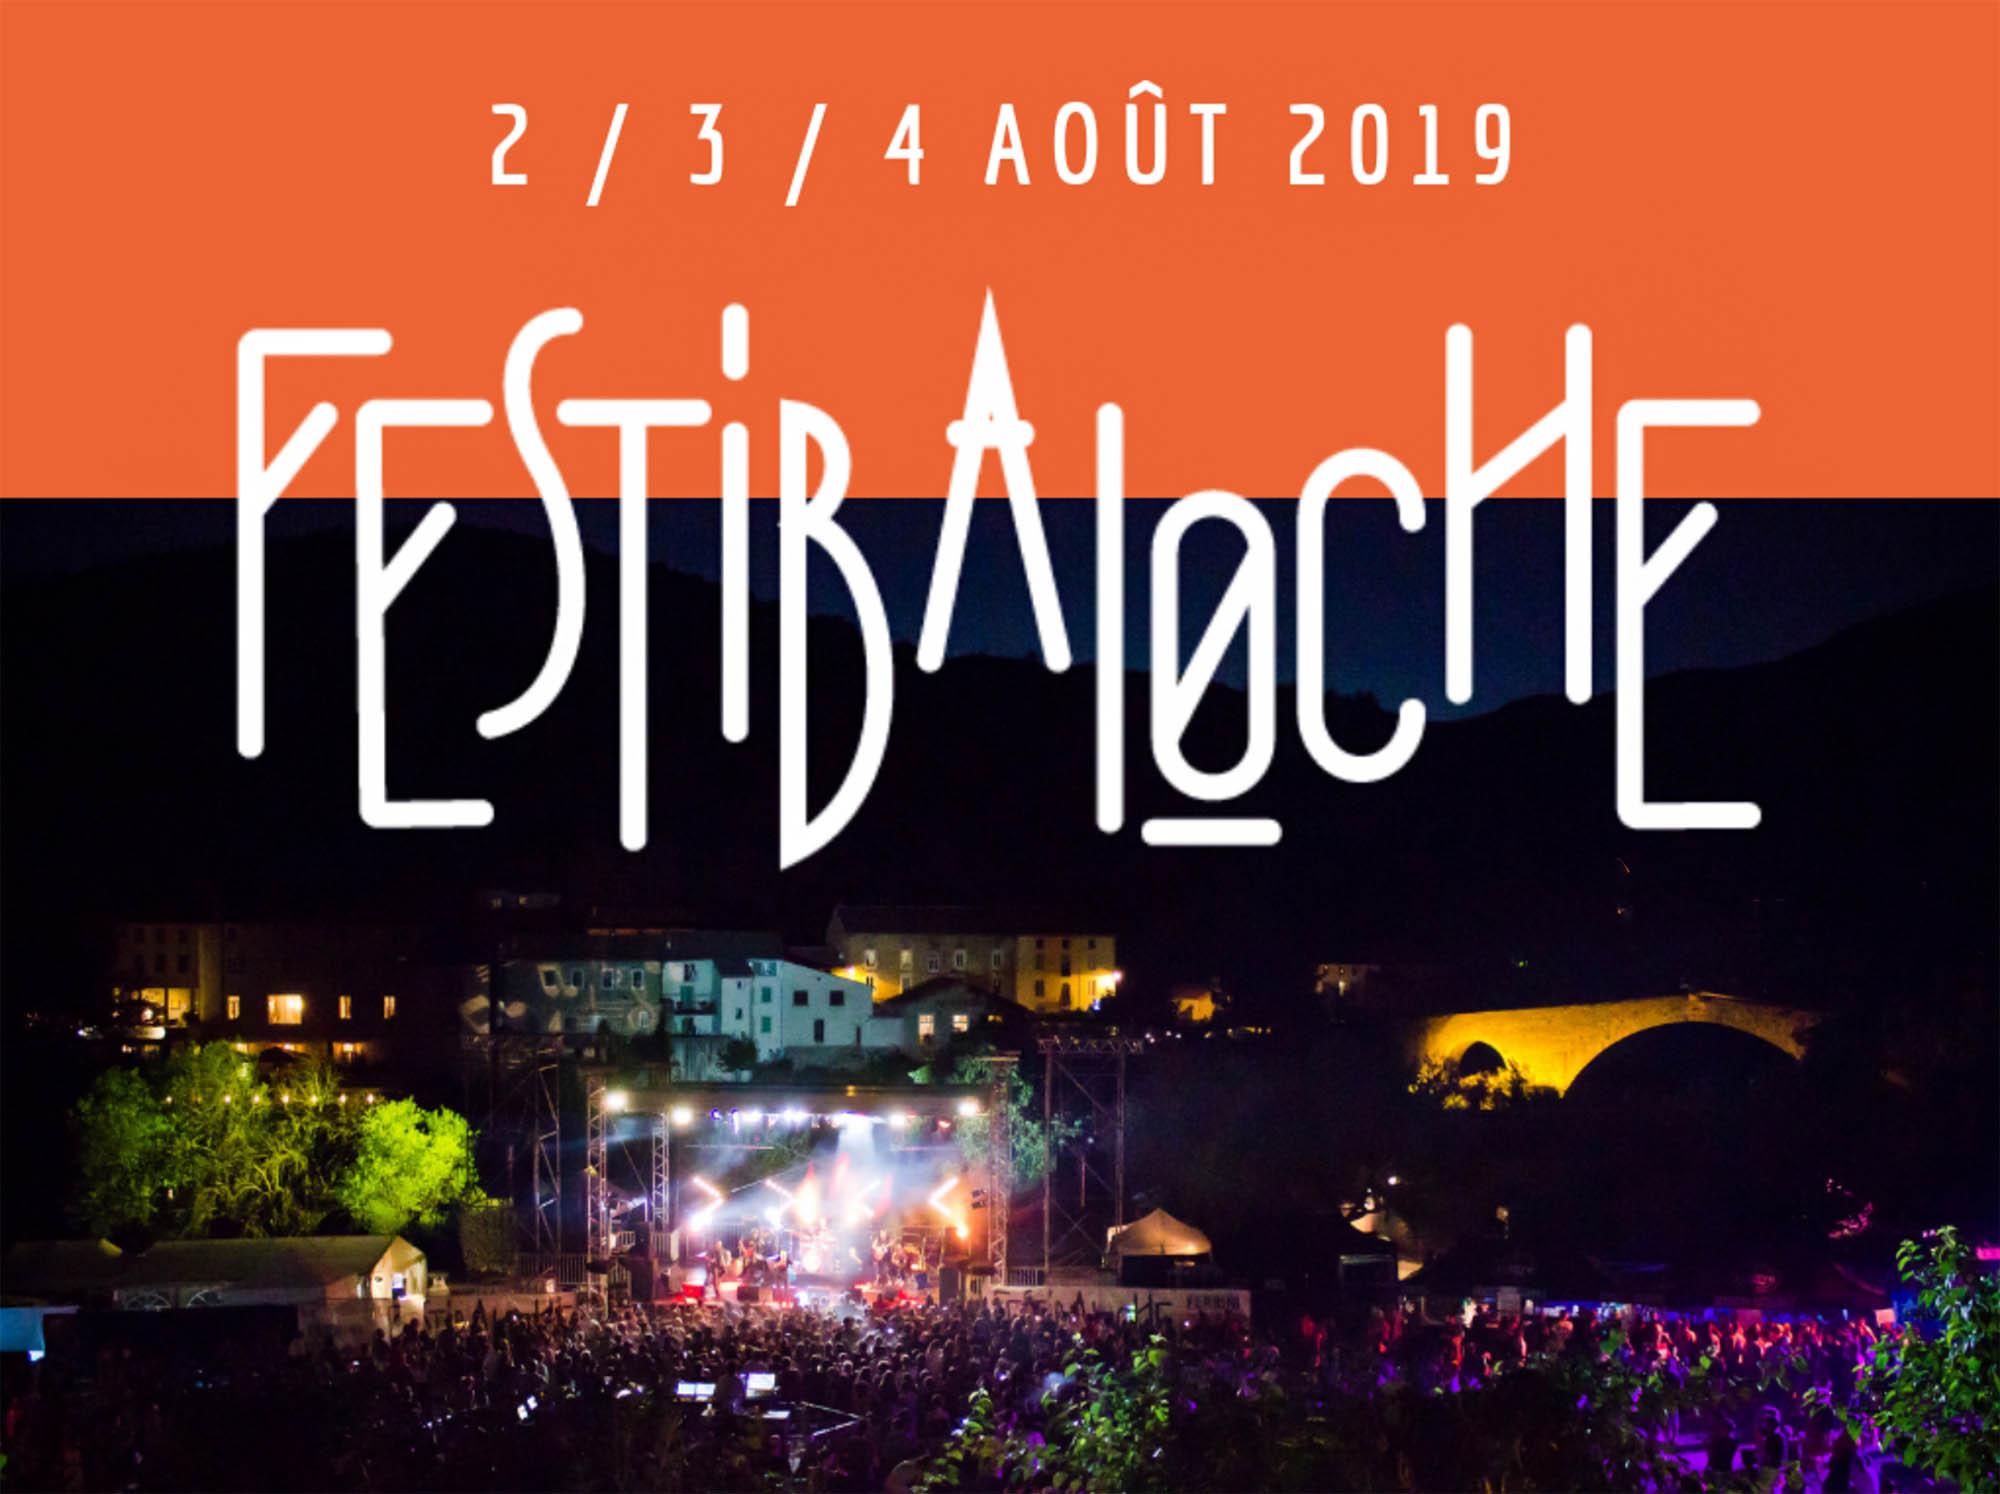 Festibaloche-2019